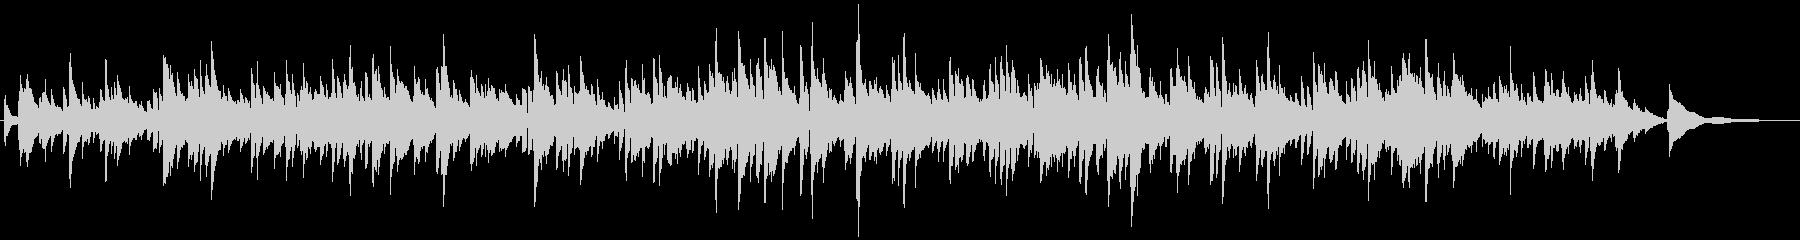 ギターデュオの生演奏による切ないバラードの未再生の波形